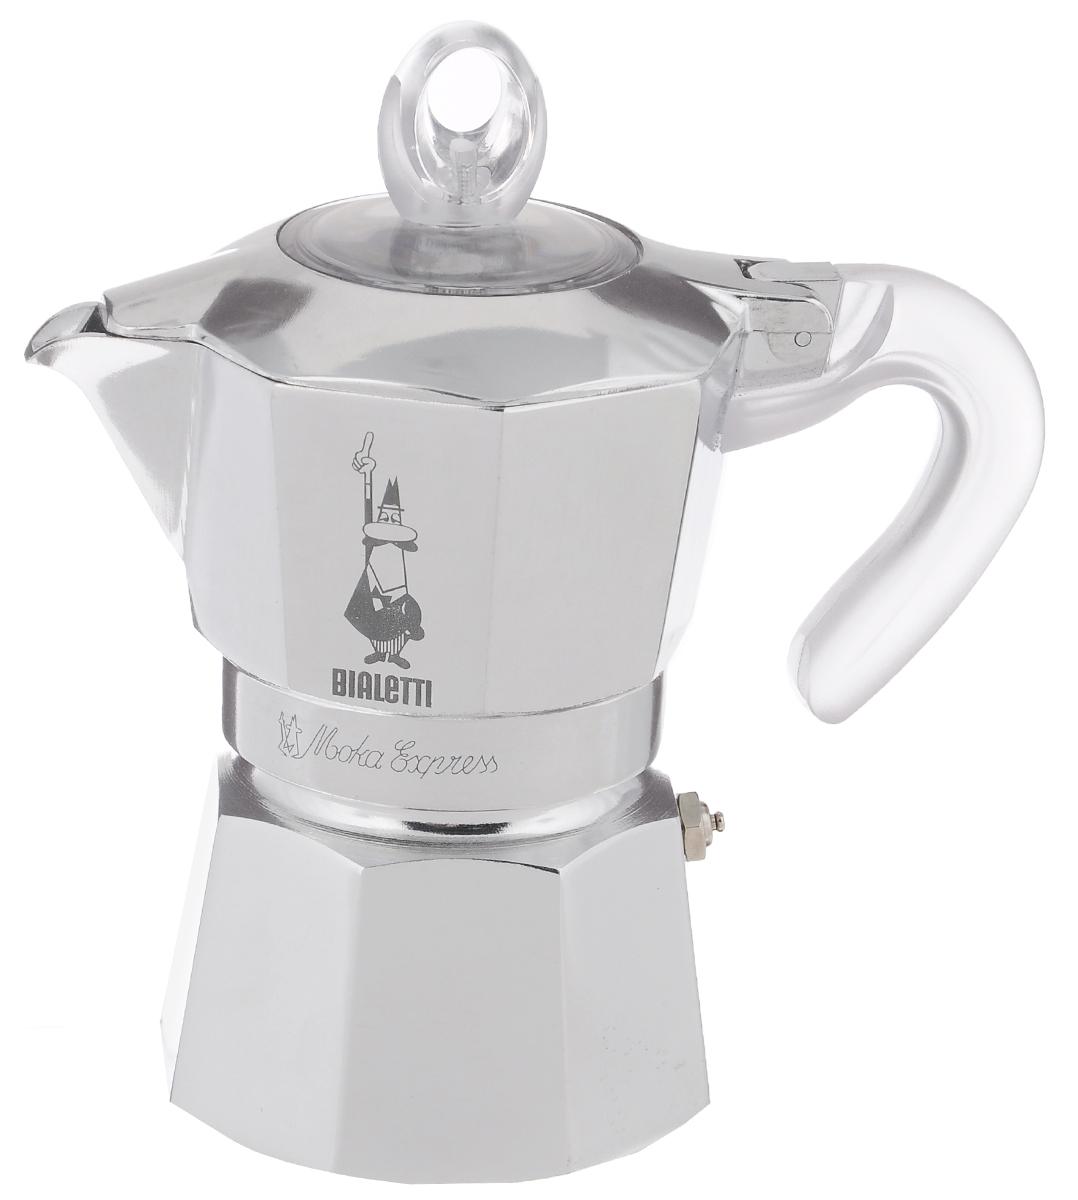 Гейзерная кофеварка Bialetti Moka Glossy, цвет: стальной, на 3 чашки94672Компактная гейзерная кофеварка Bialetti Moka Glossy изготовлена из высококачественного алюминия. Объема кофе хватает на 3 чашки. Изделие оснащено удобной ручкой из пластика.Принцип работы такой гейзерной кофеварки - кофе заваривается путем многократного прохождения горячей воды или пара через слой молотого кофе. Удобство кофеварки в том, что вся кофейная гуща остается во внутренней емкости. Гейзерные кофеварки пользуются большой популярностью благодаря изысканному аромату. Кофе получается крепкий и насыщенный. Теперь и дома вы сможете насладиться великолепным эспрессо. Подходит для газовых, электрических и стеклокерамических плит. Нельзя мыть в посудомоечной машине. Высота (с учетом крышки): 17 см.